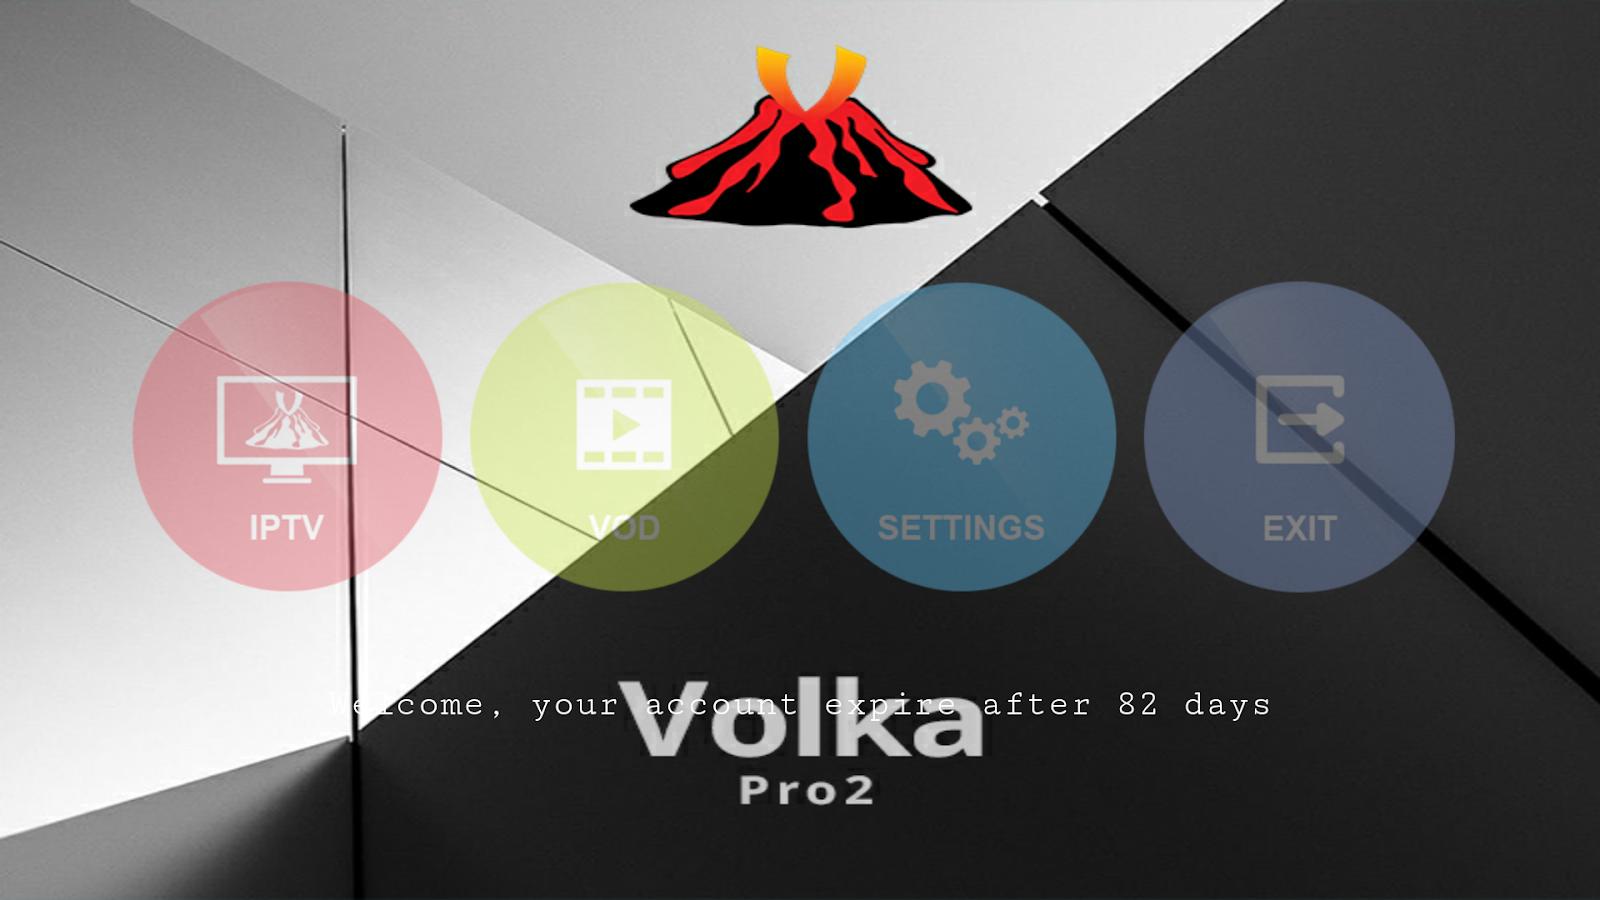 كود تفعيل Volka Pro 2 2019 - أندروكيم : حمل أحدث العاب و